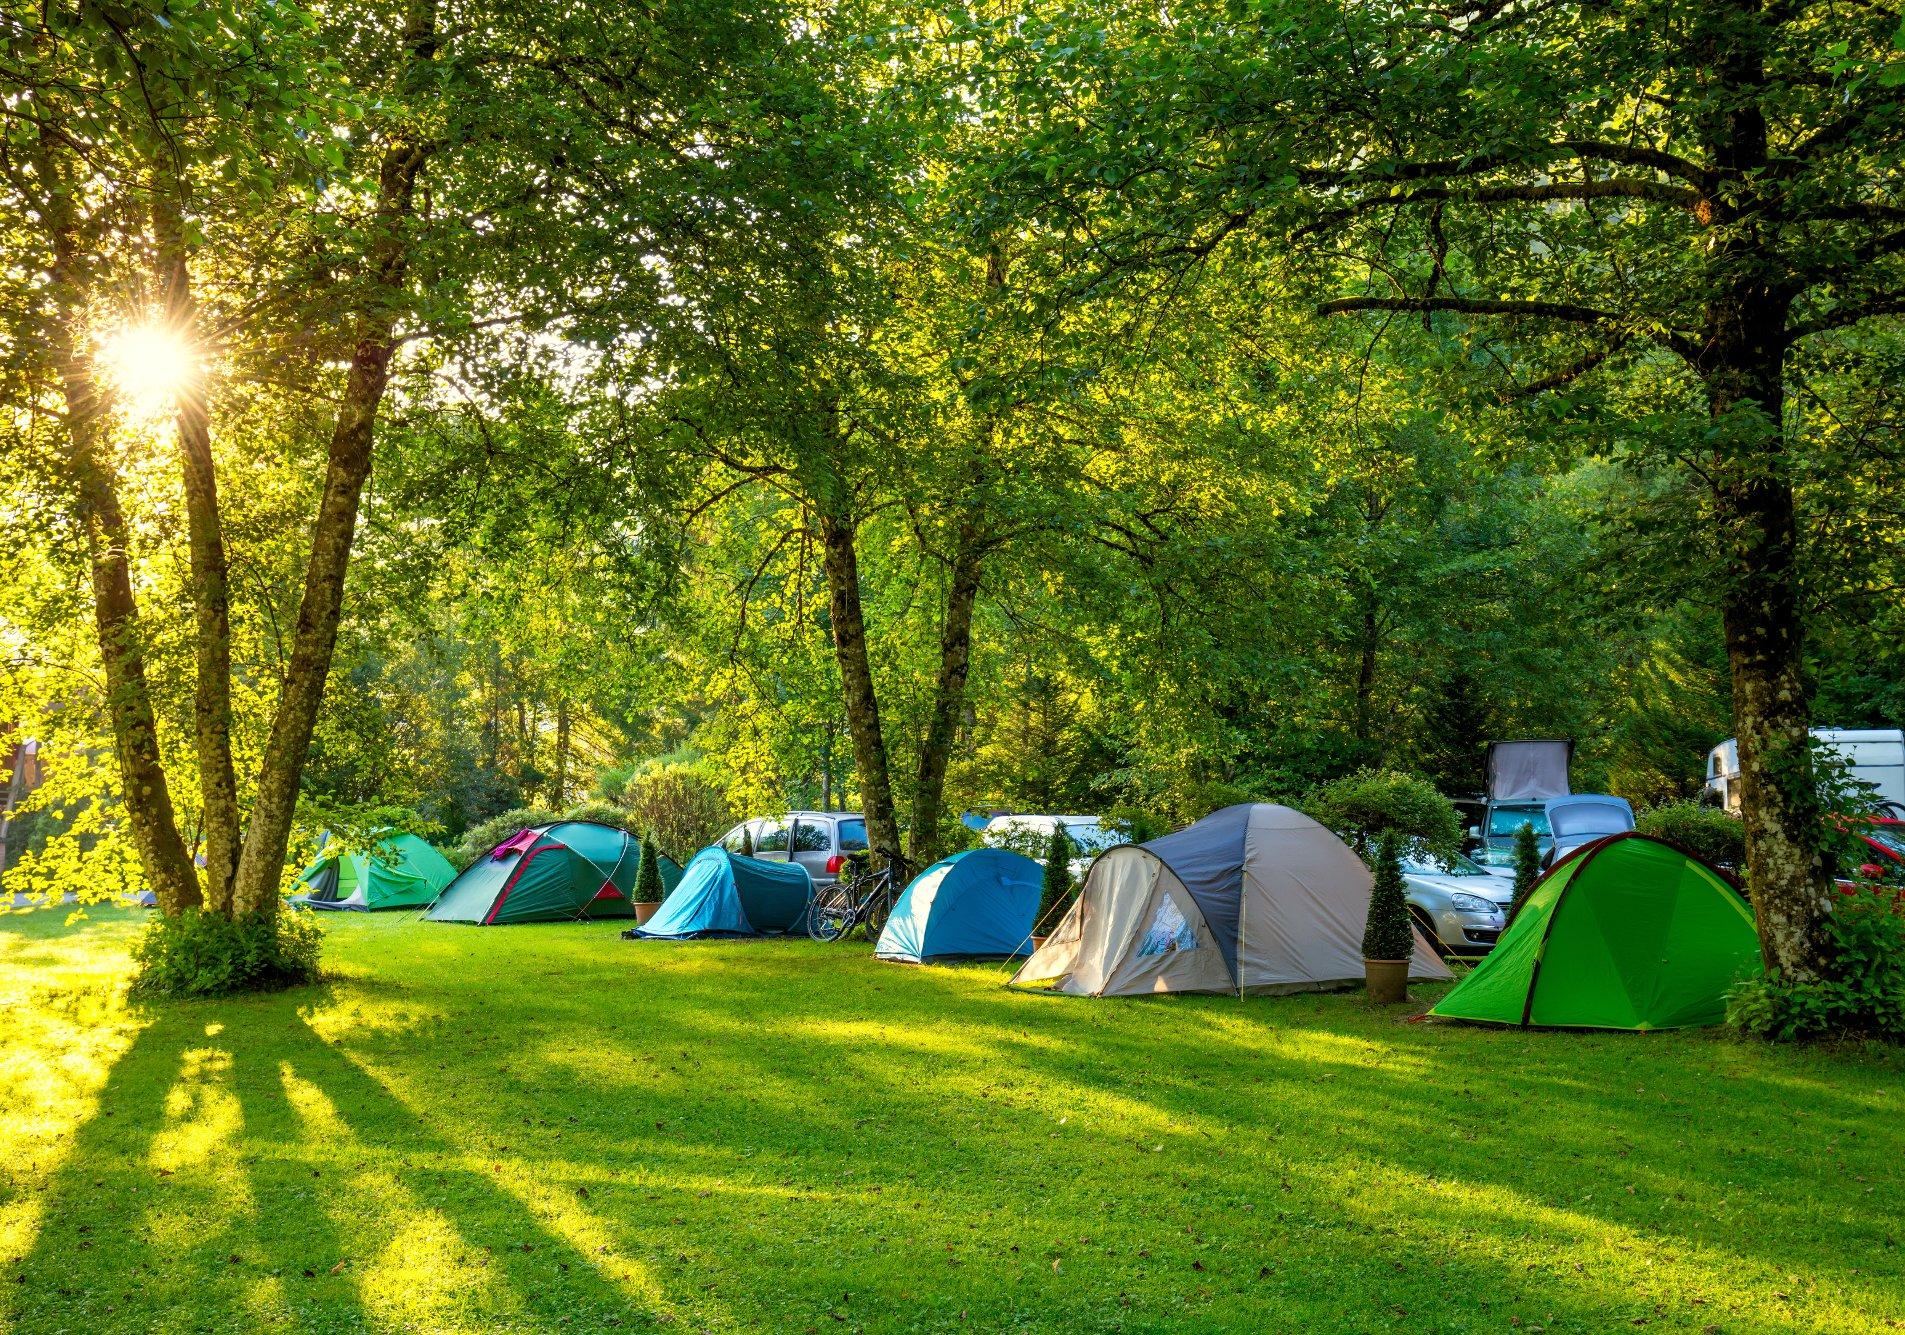 comment d u00e9nicher un emploi saisonnier de camping